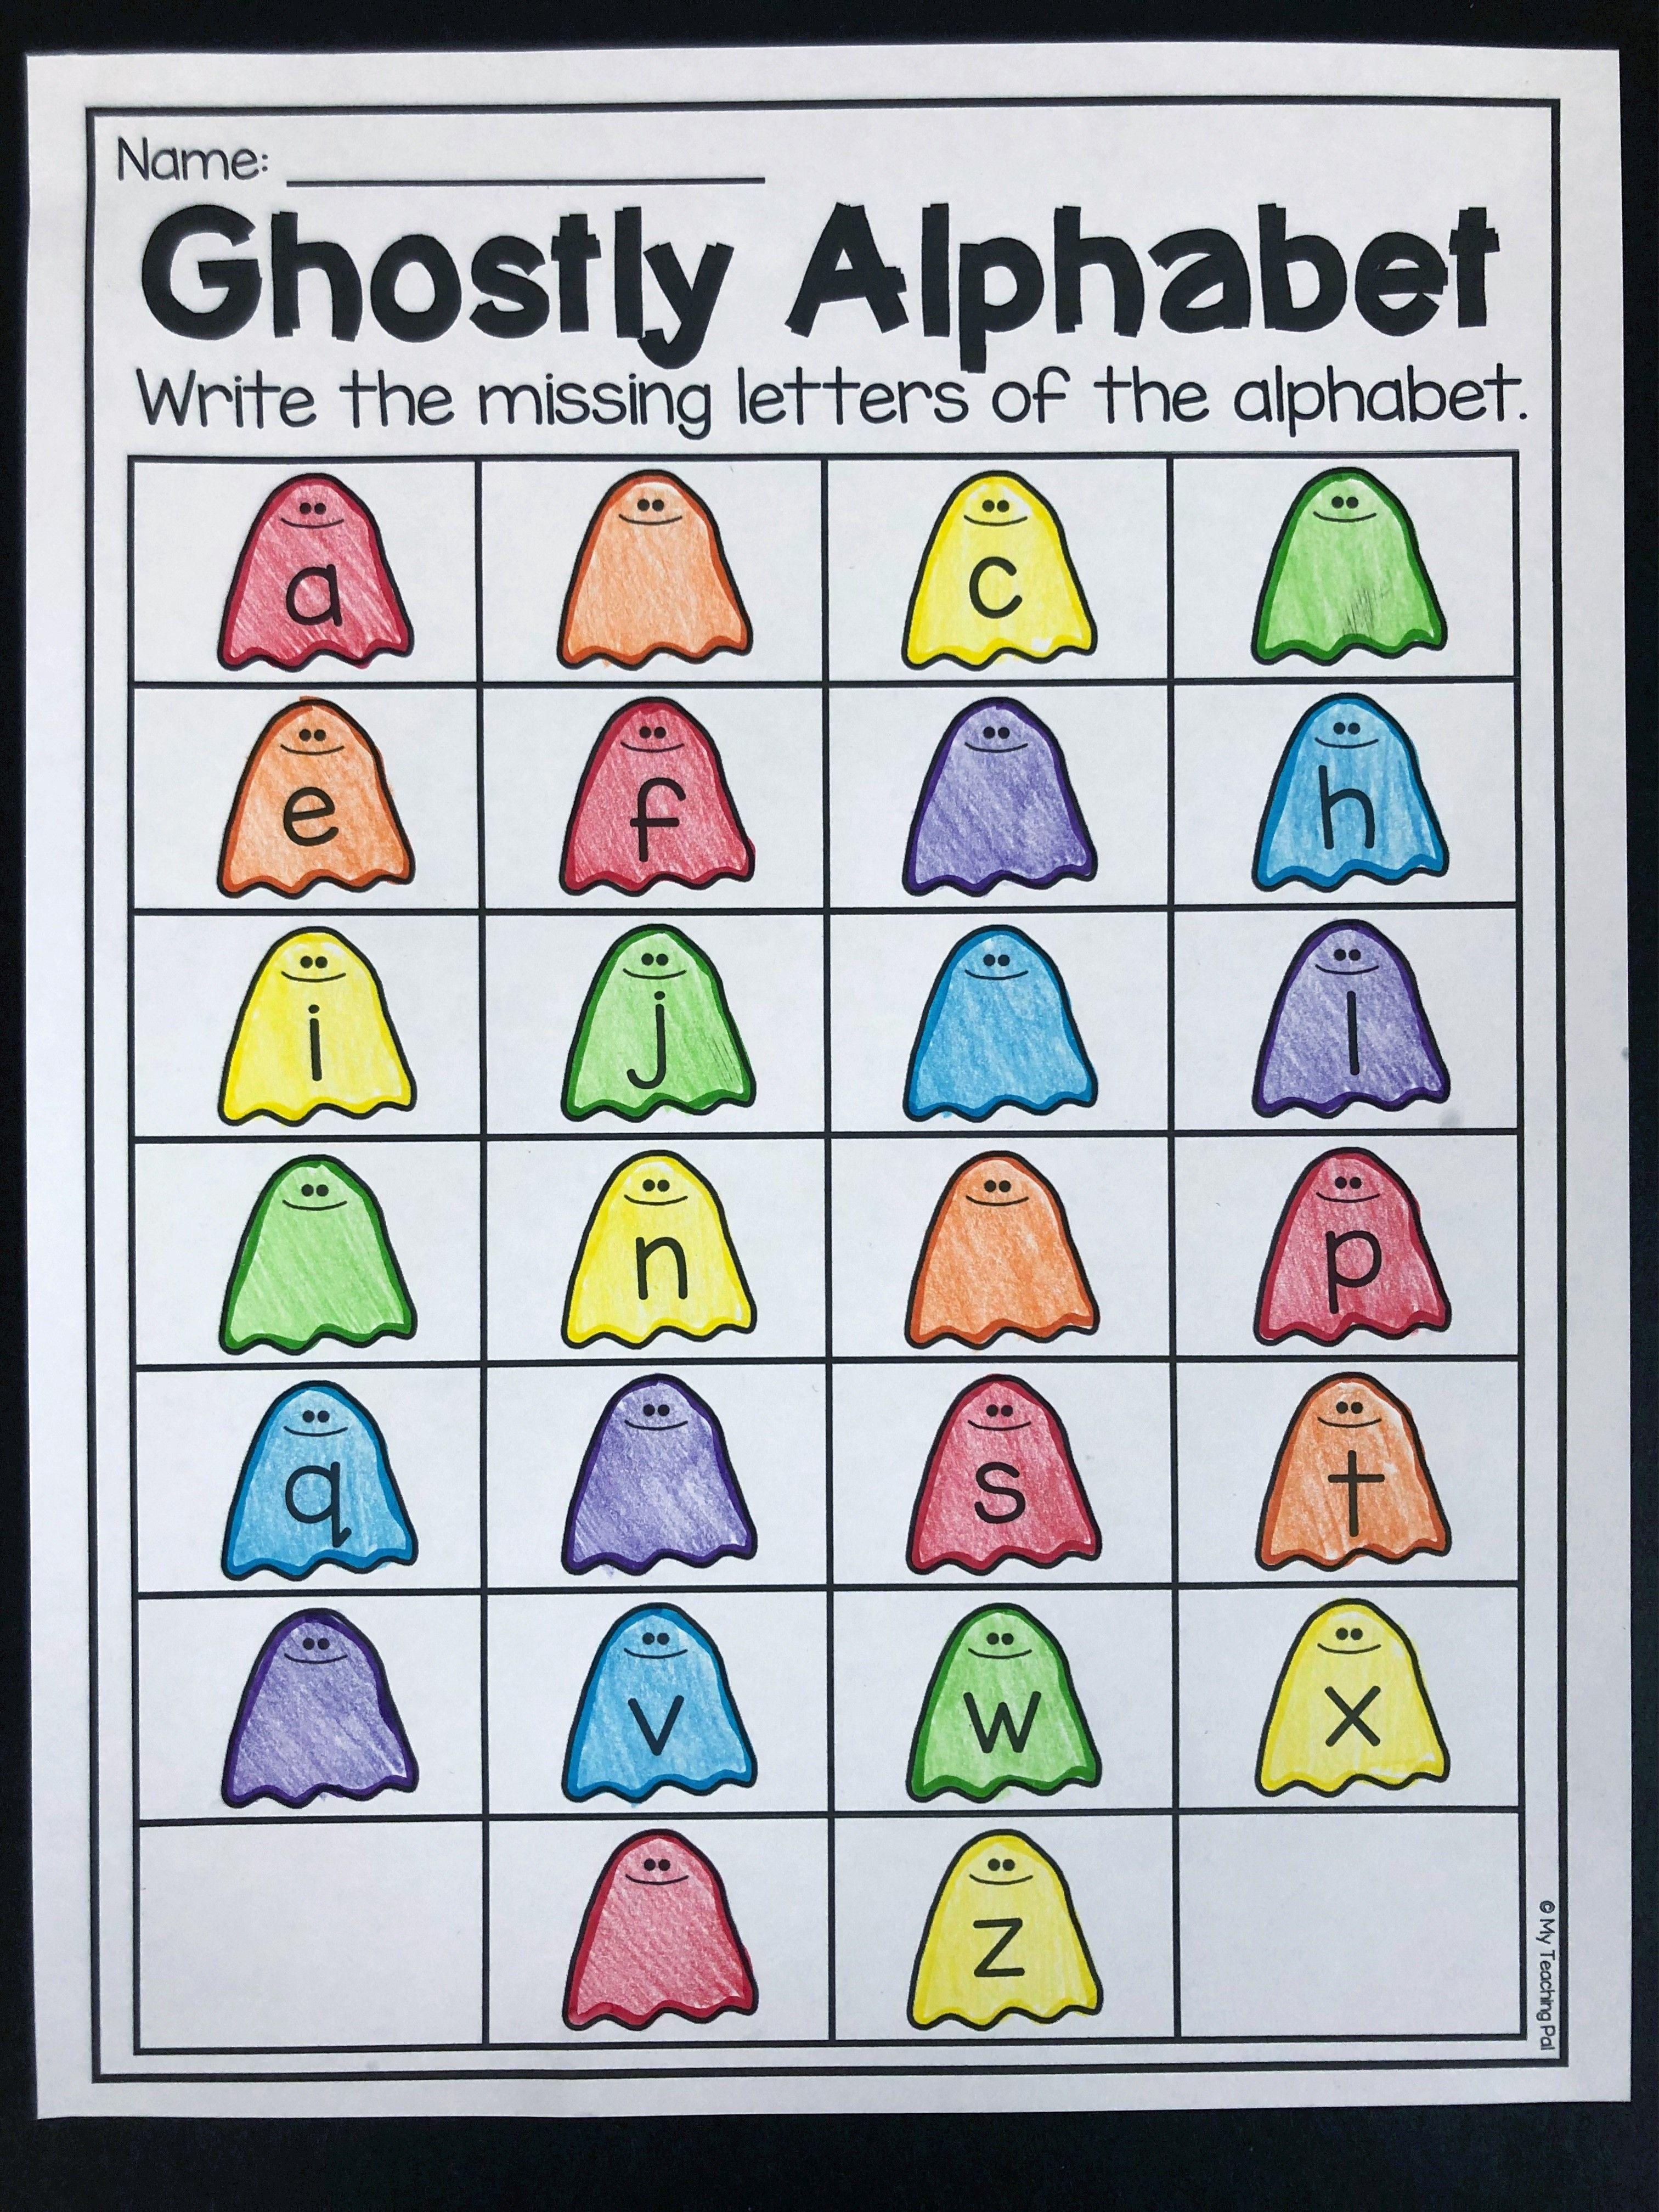 Halloween Alphabet Worksheet For Kindergarten Students Fill In The Missing Letter Halloween Worksheets Halloween Kindergarten Alphabet Worksheets Kindergarten [ 4031 x 3024 Pixel ]